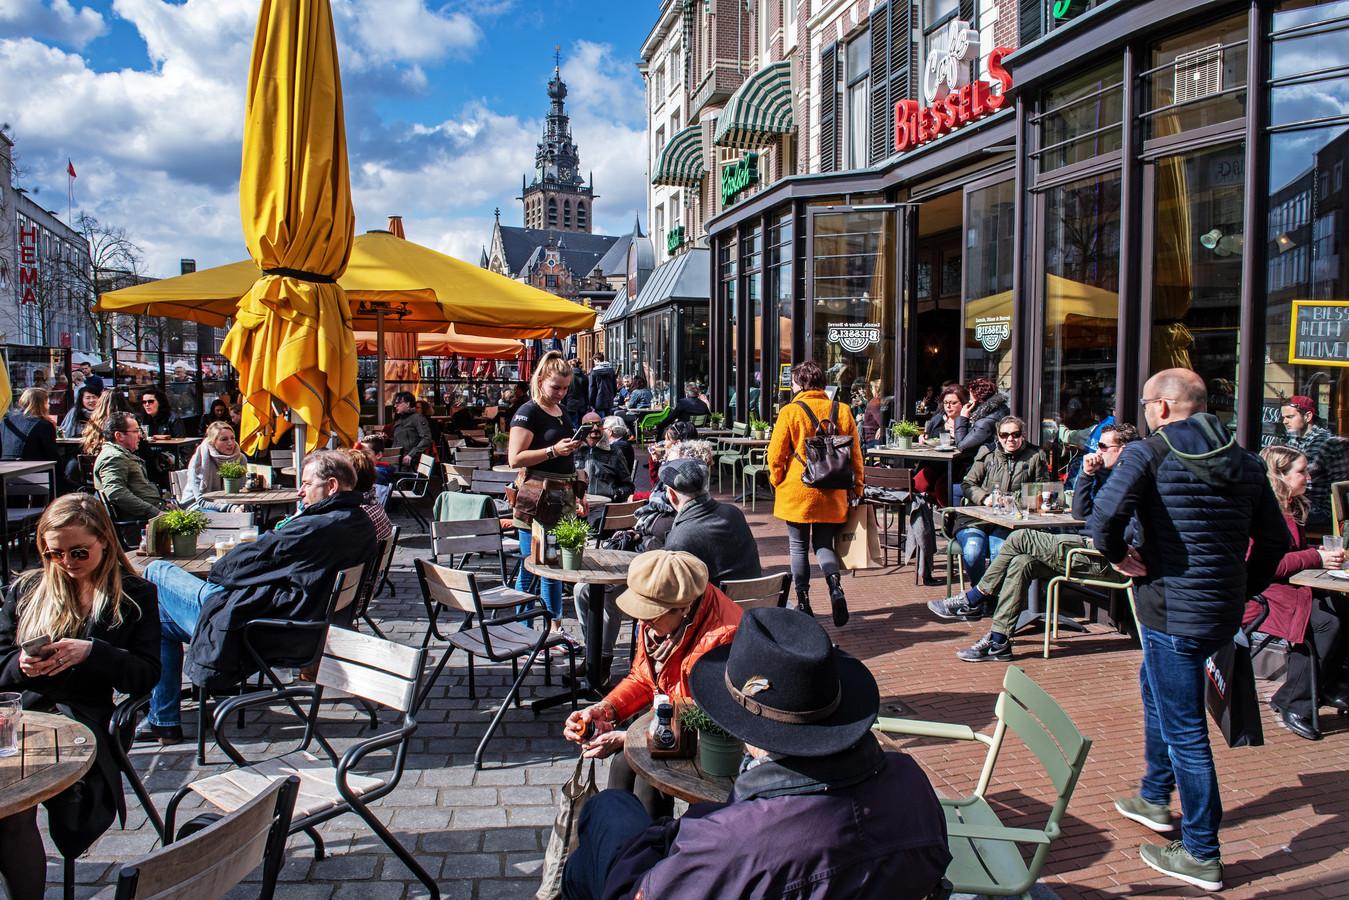 Volle terrassen op de Grote Markt in Nijmegen.